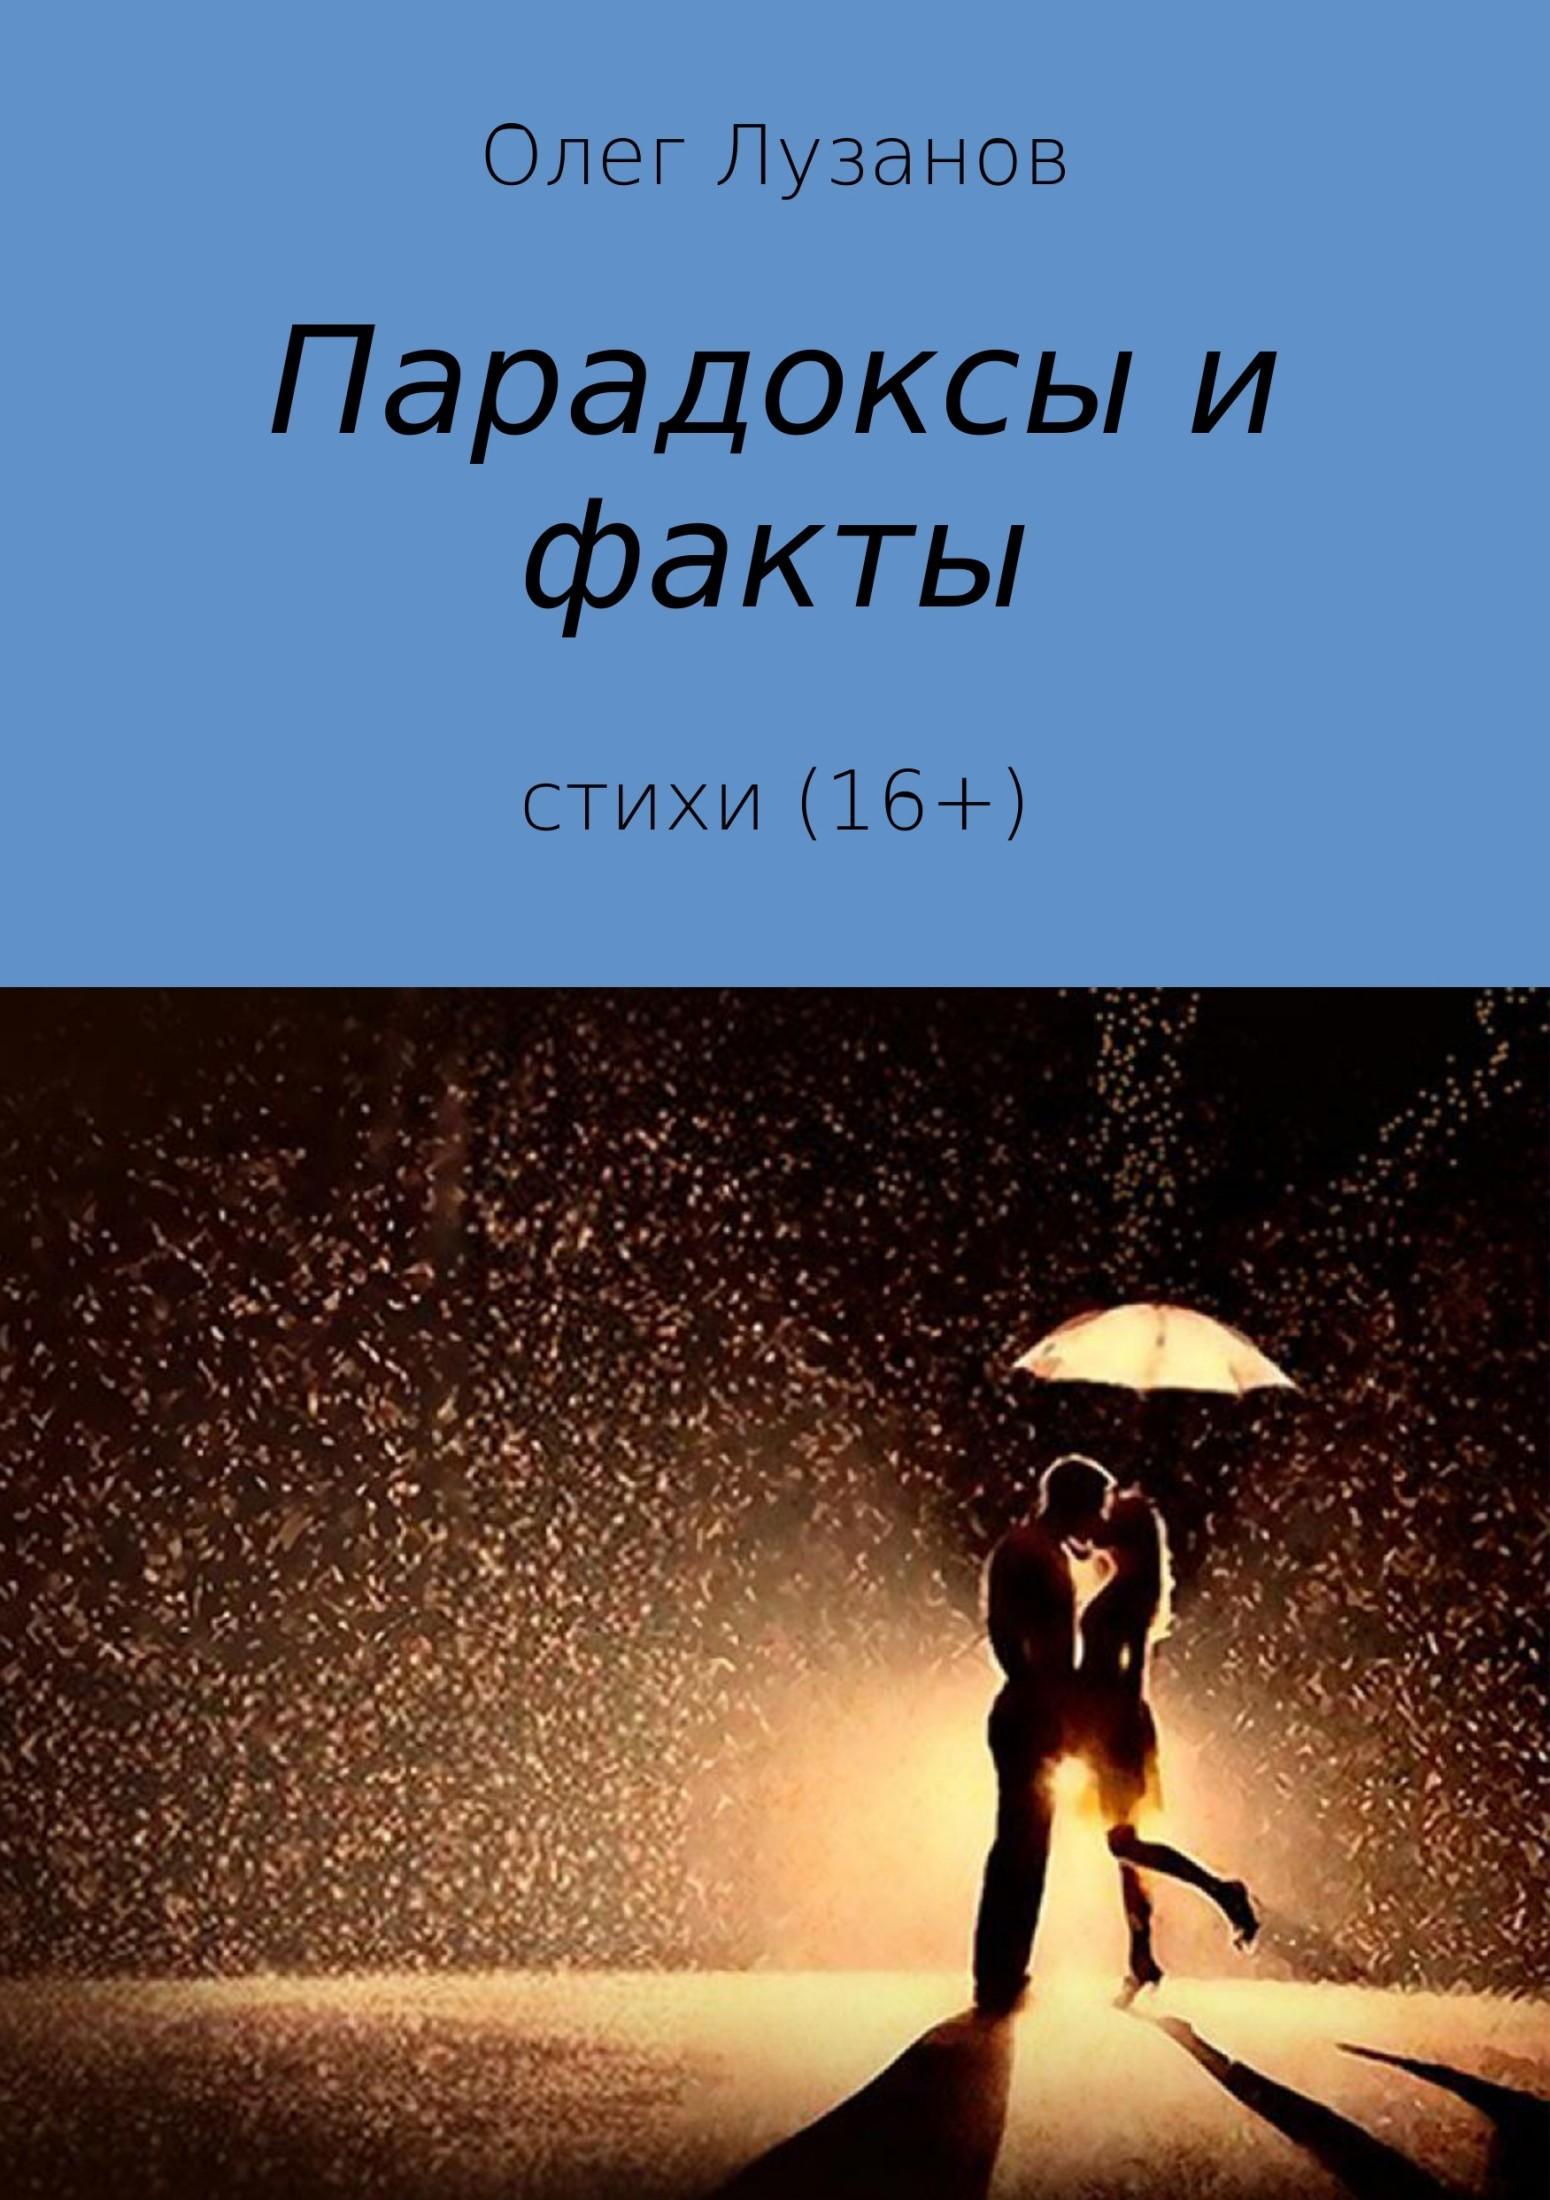 Олег Николаевич Лузанов Парадоксы и факты. Сборник стихотворений